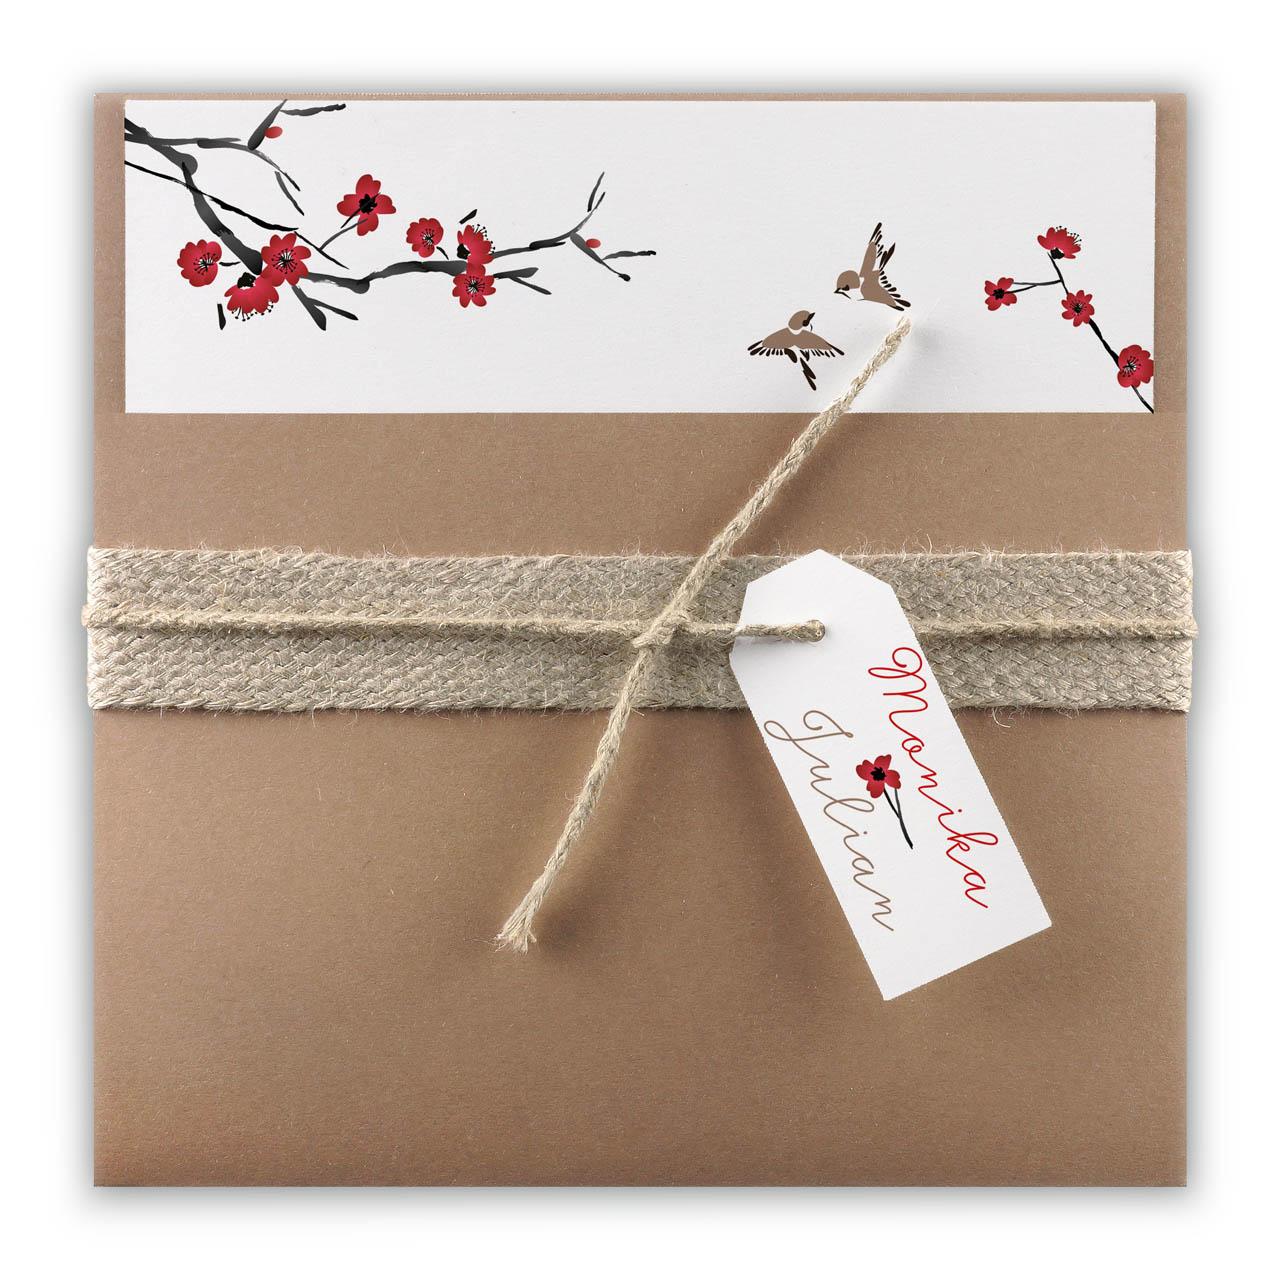 Hochzeitseinladungen Mit Schmetterlingen | Alle Karten.de | Alle Karten.de